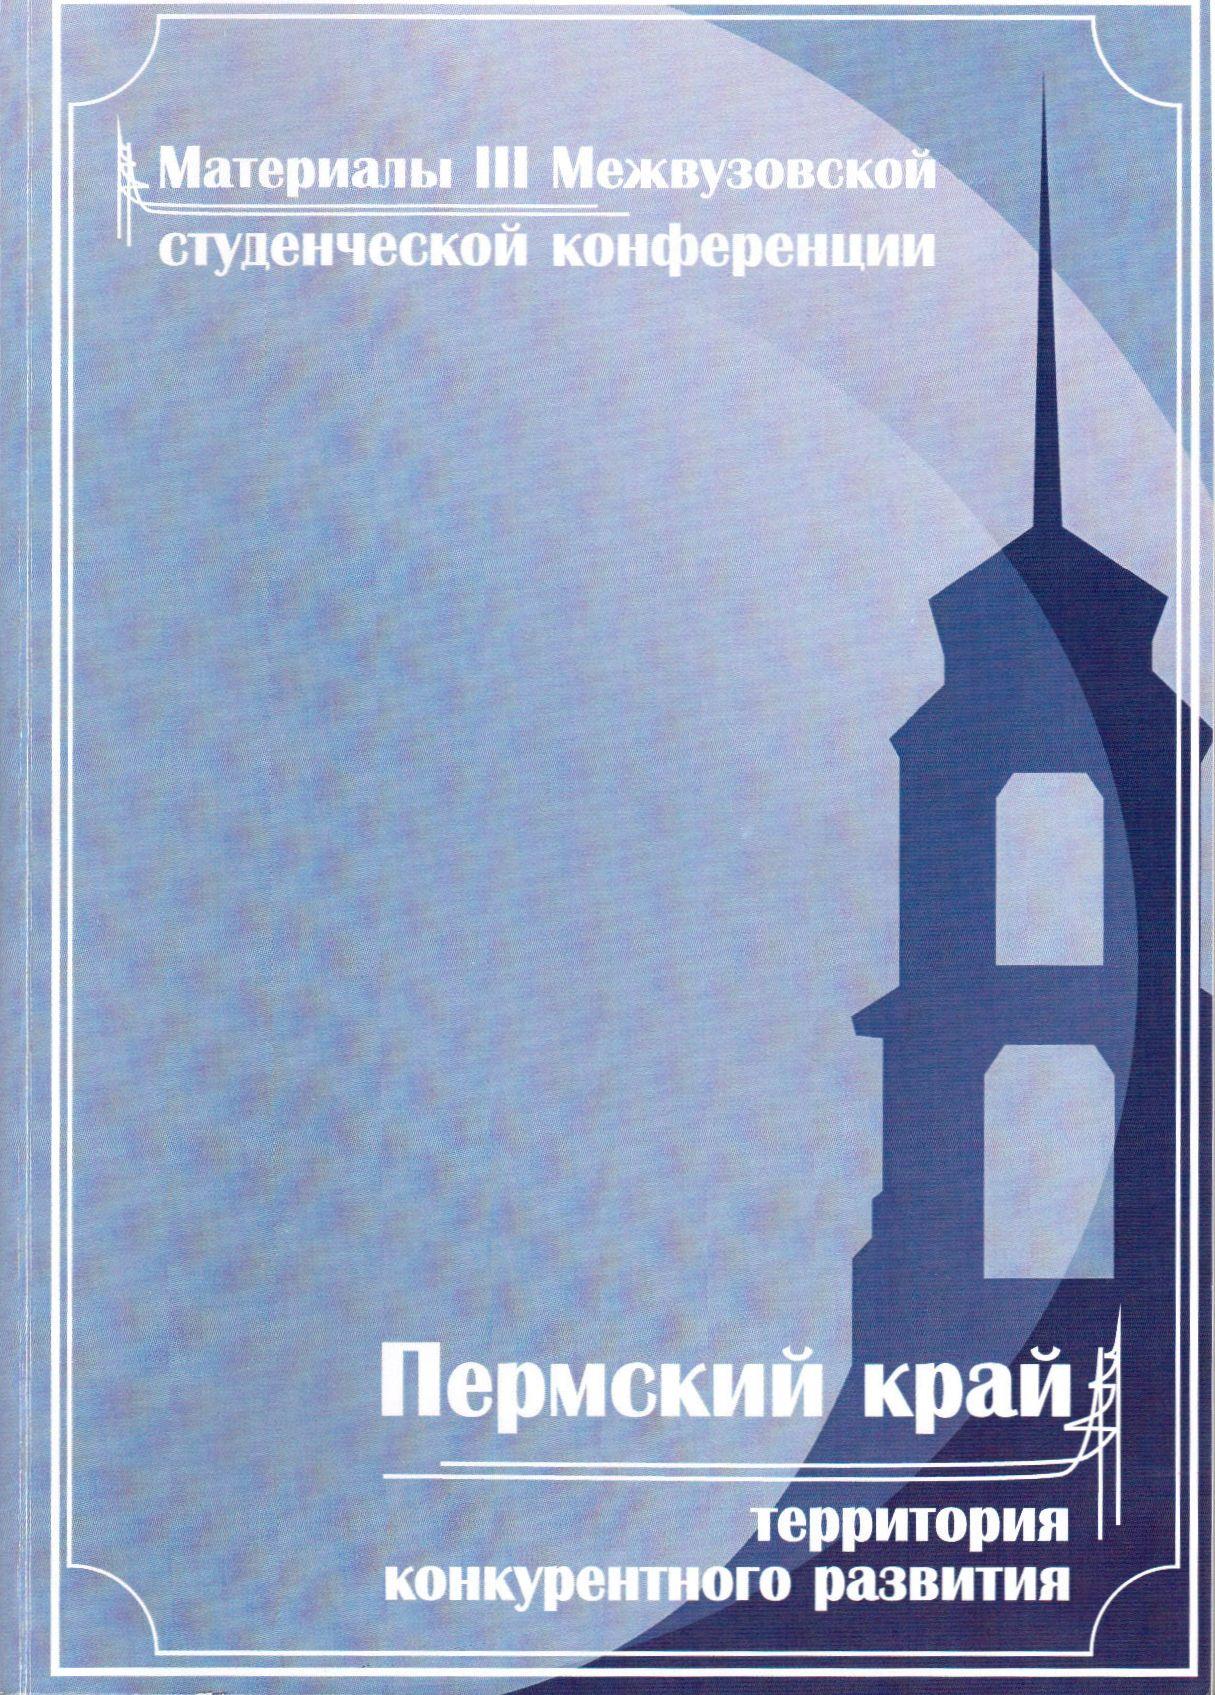 Система показателей результативности оказания государственных услуг в области содействия занятости населения в Пермском крае